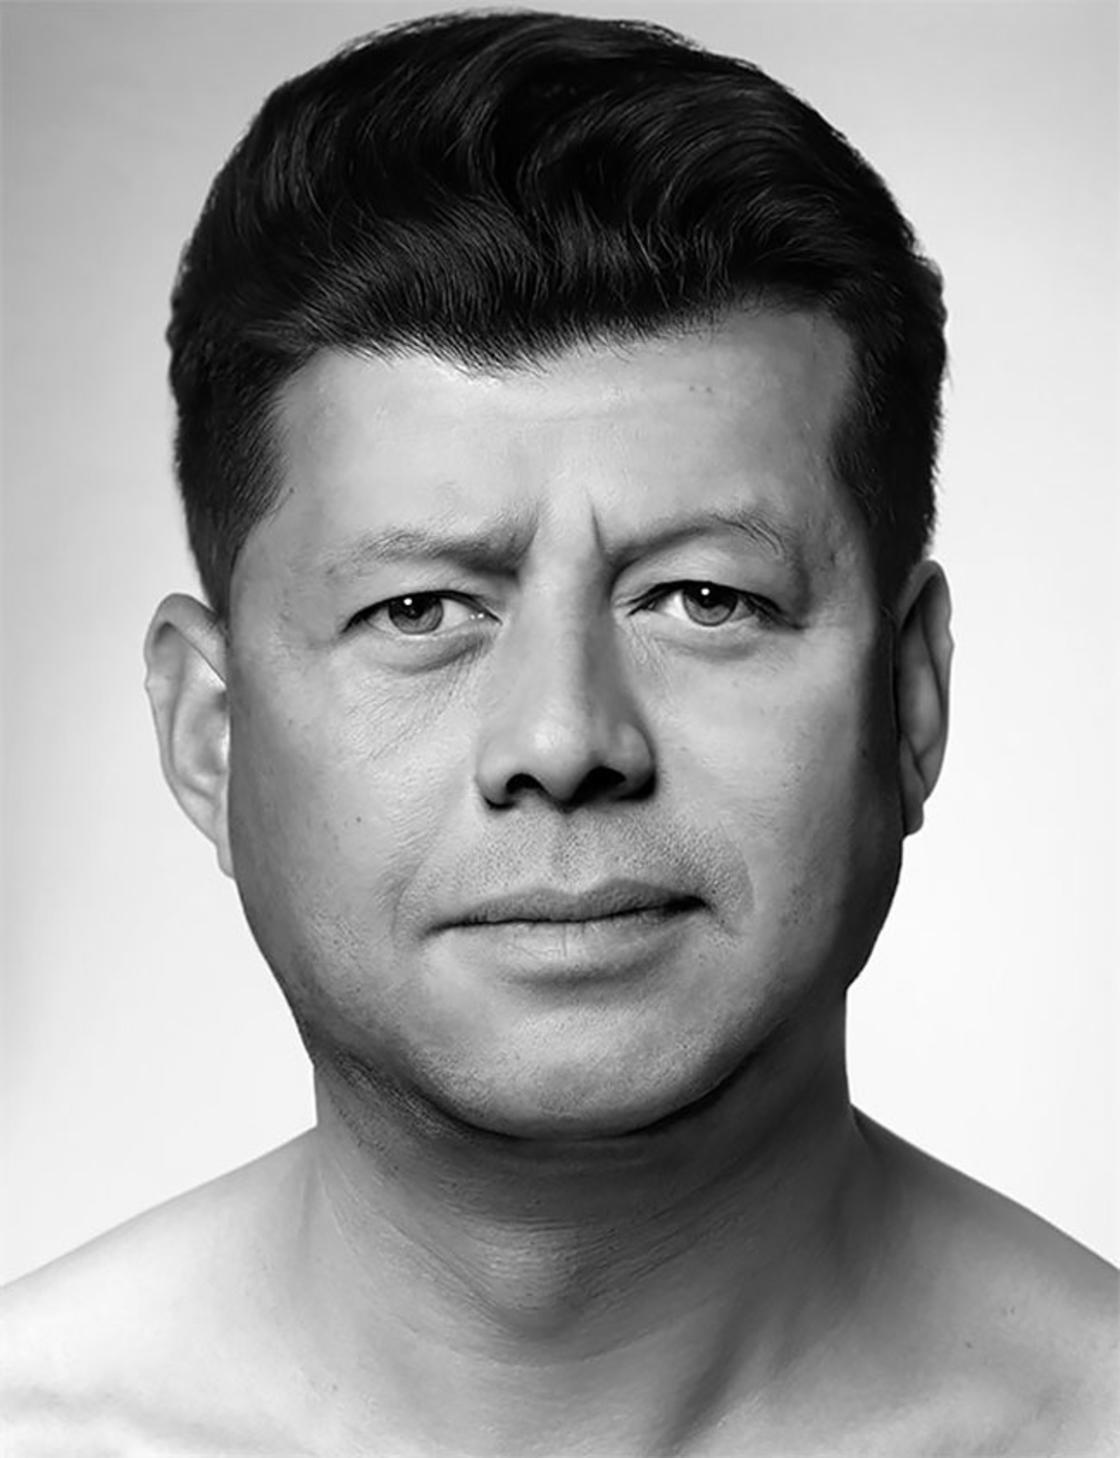 Esse artista cria retratos famosos misturando rostos desconhecidos